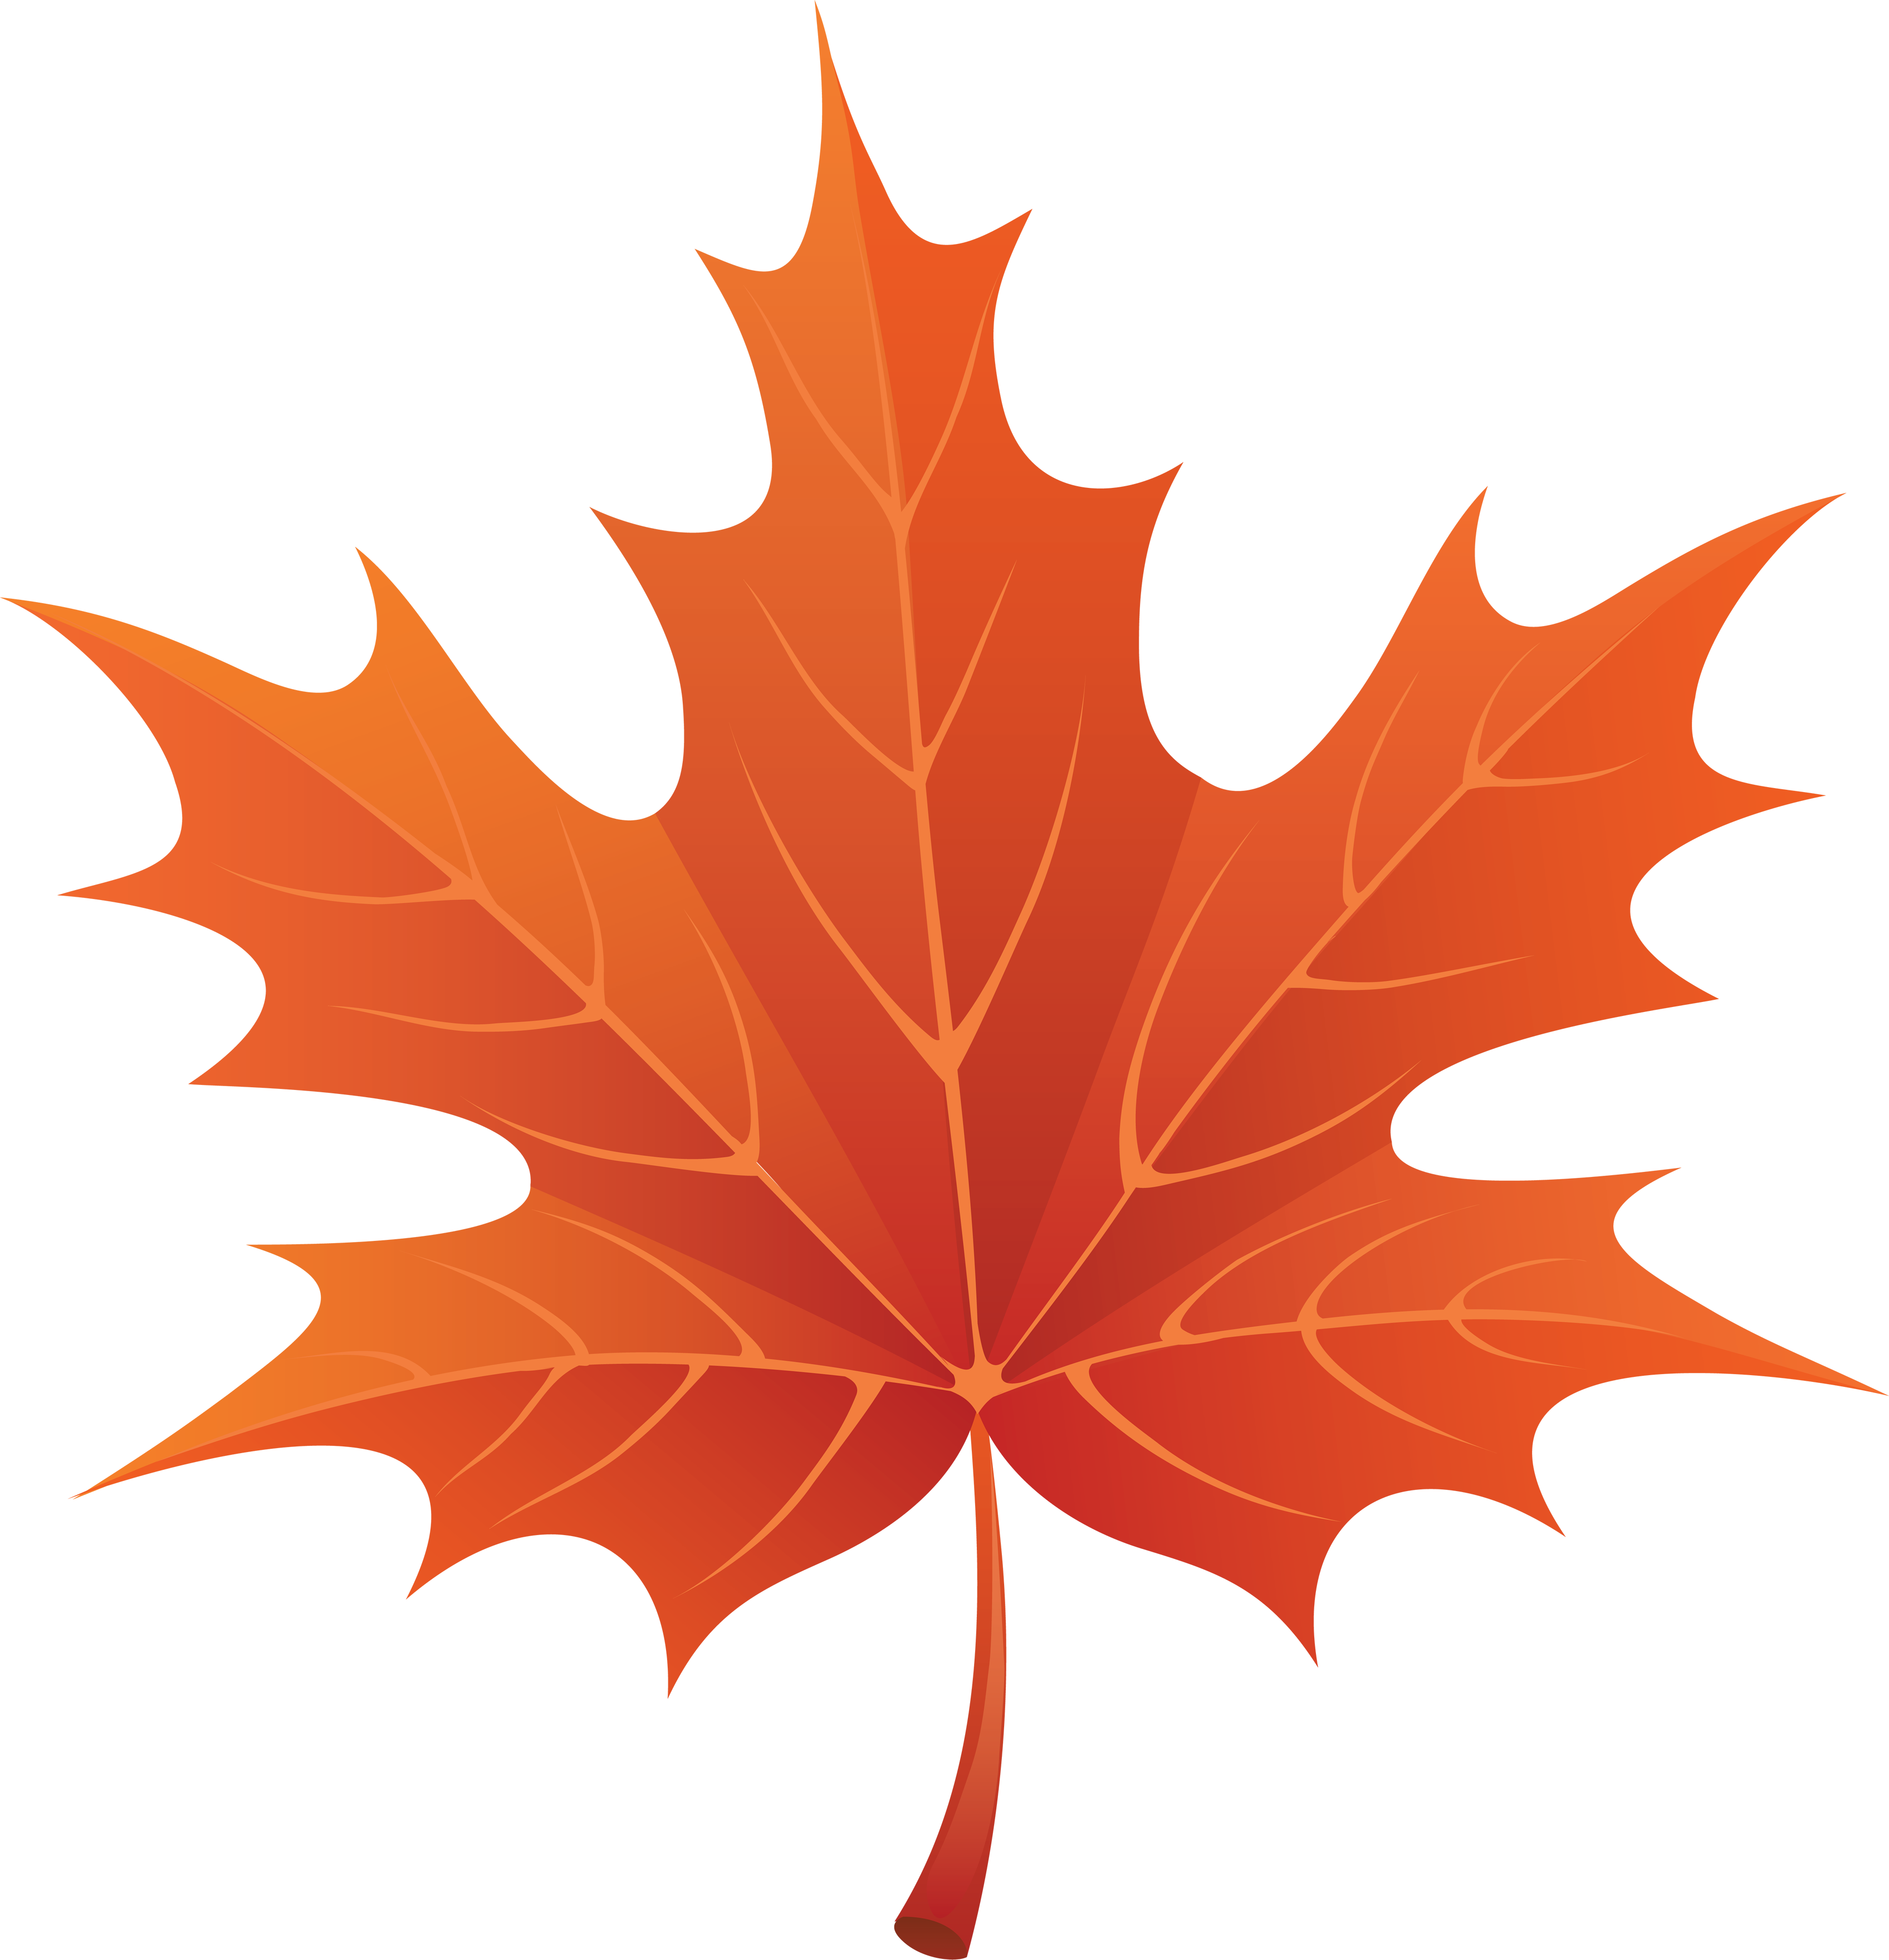 Download Png Image Maple Png Leaf-Download Png Image Maple Png Leaf-4